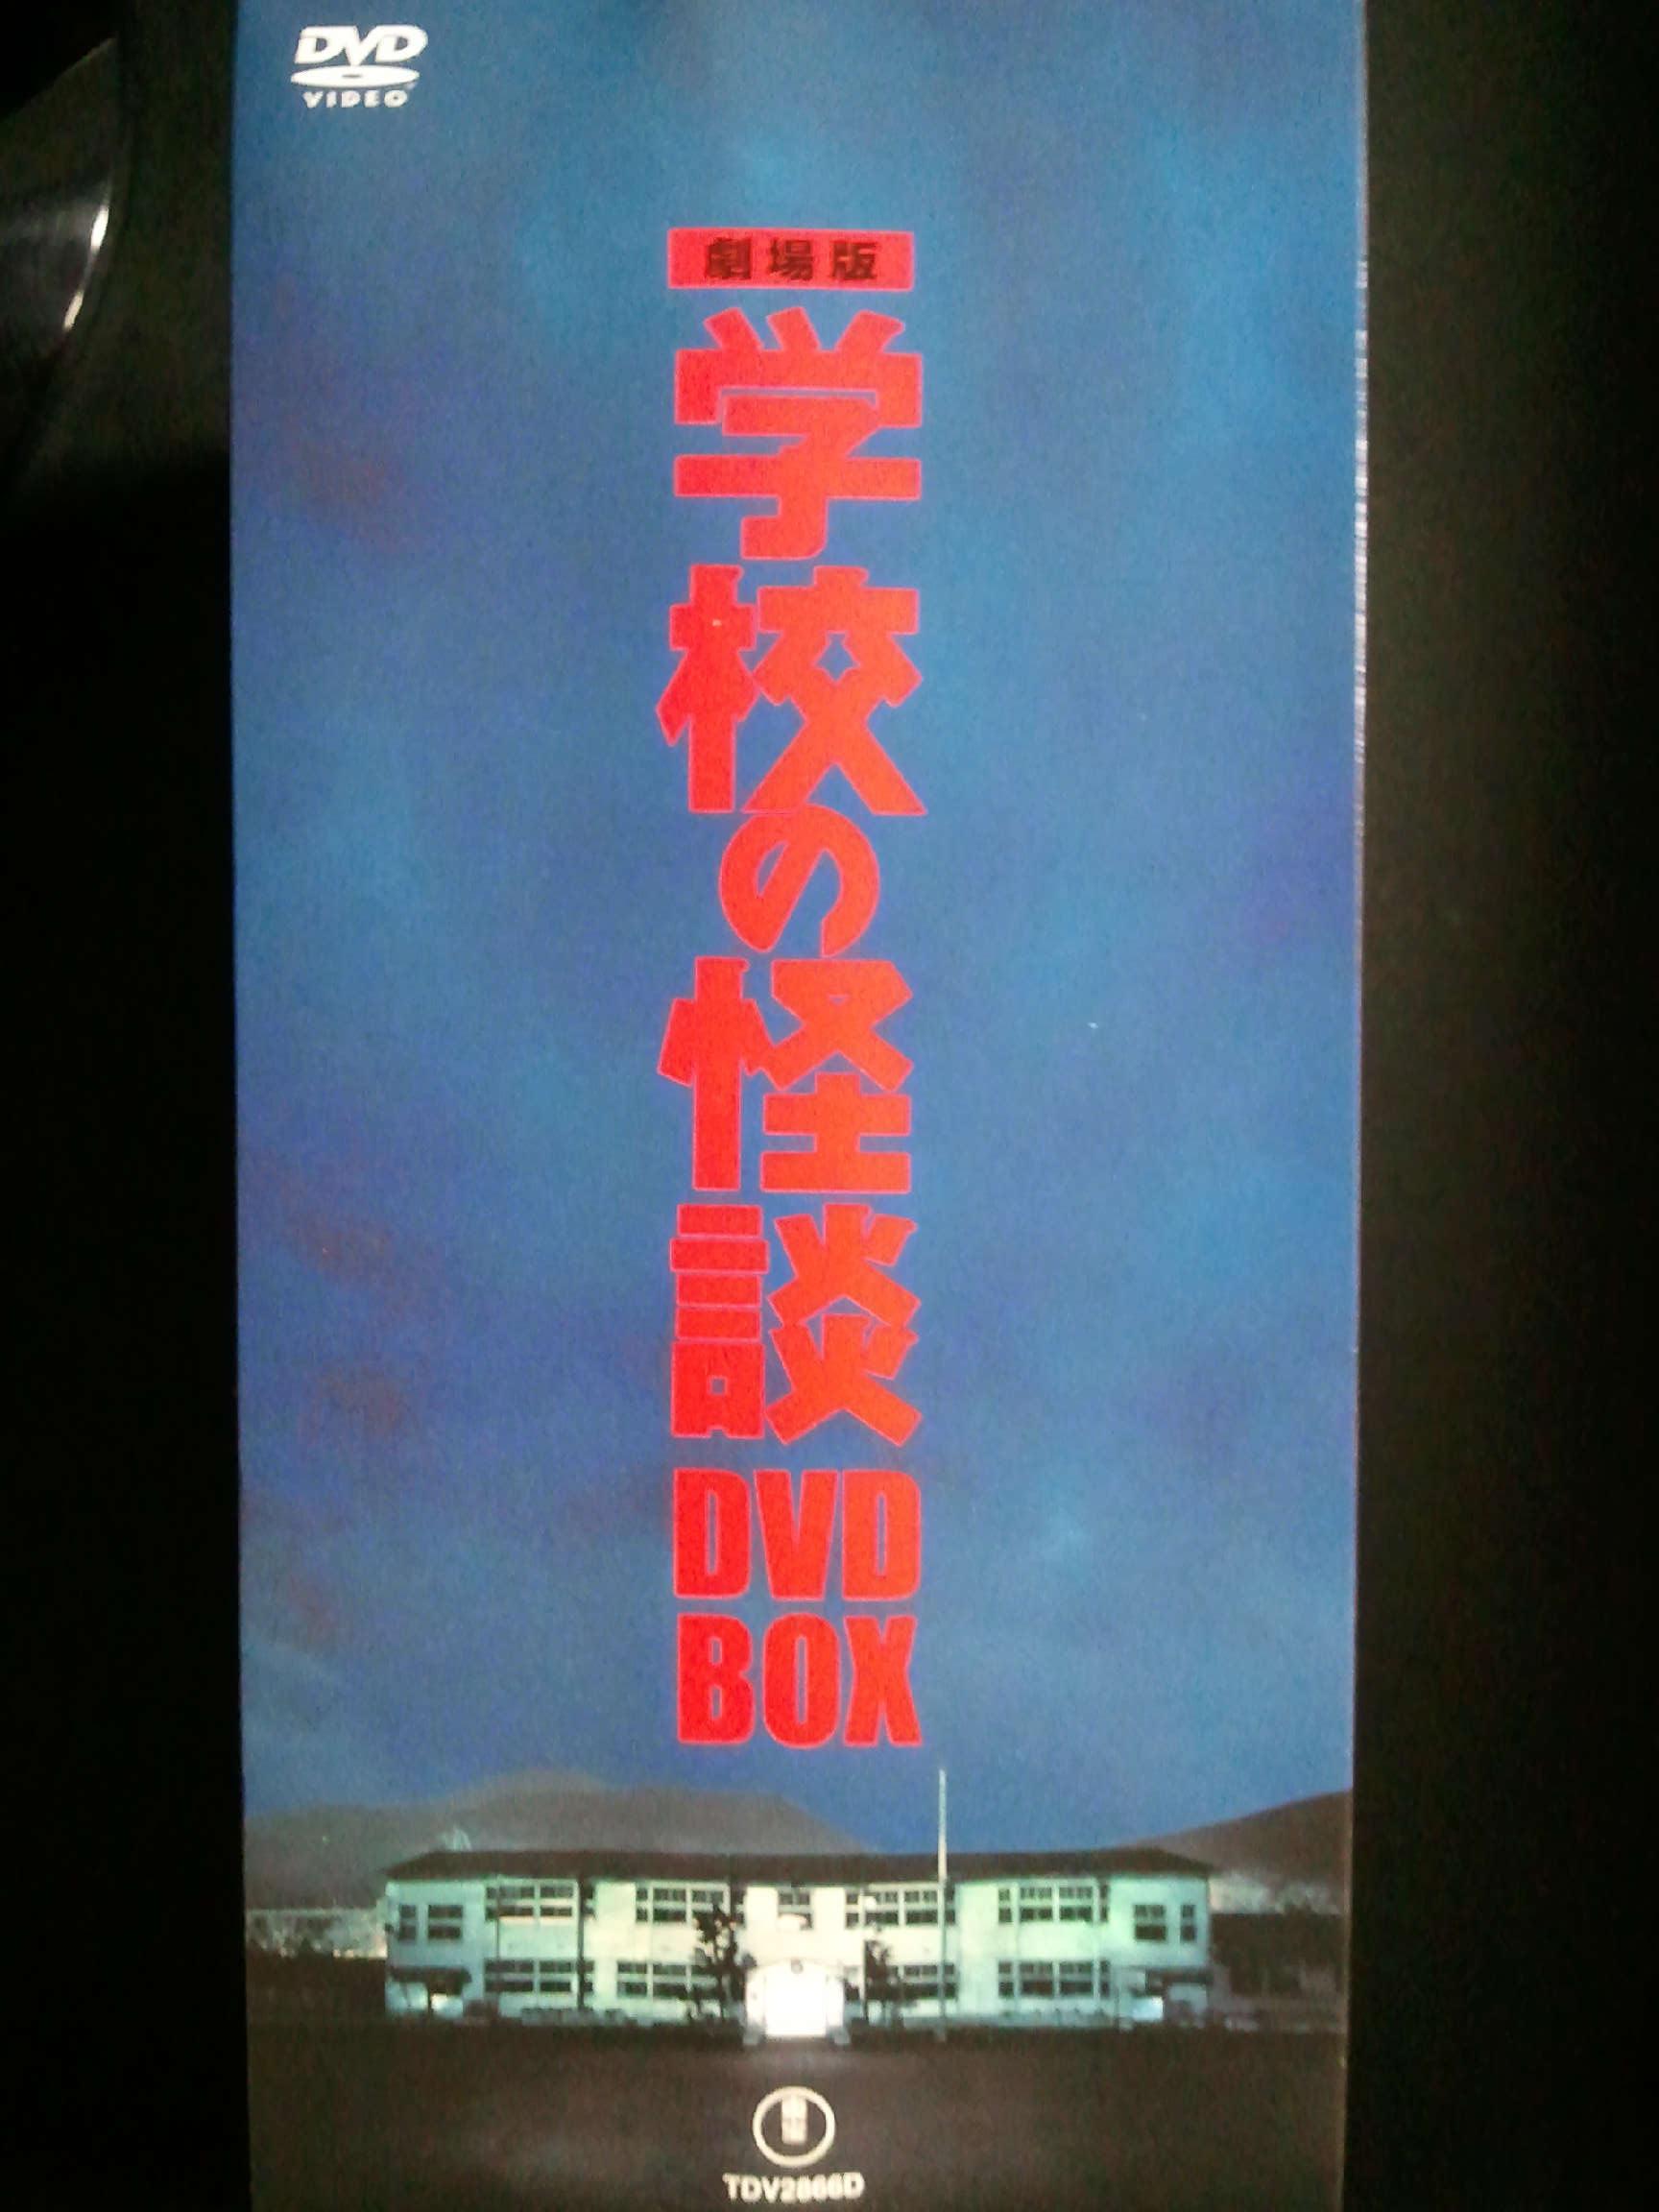 劇場版 学校の怪談 DVDBOX側面